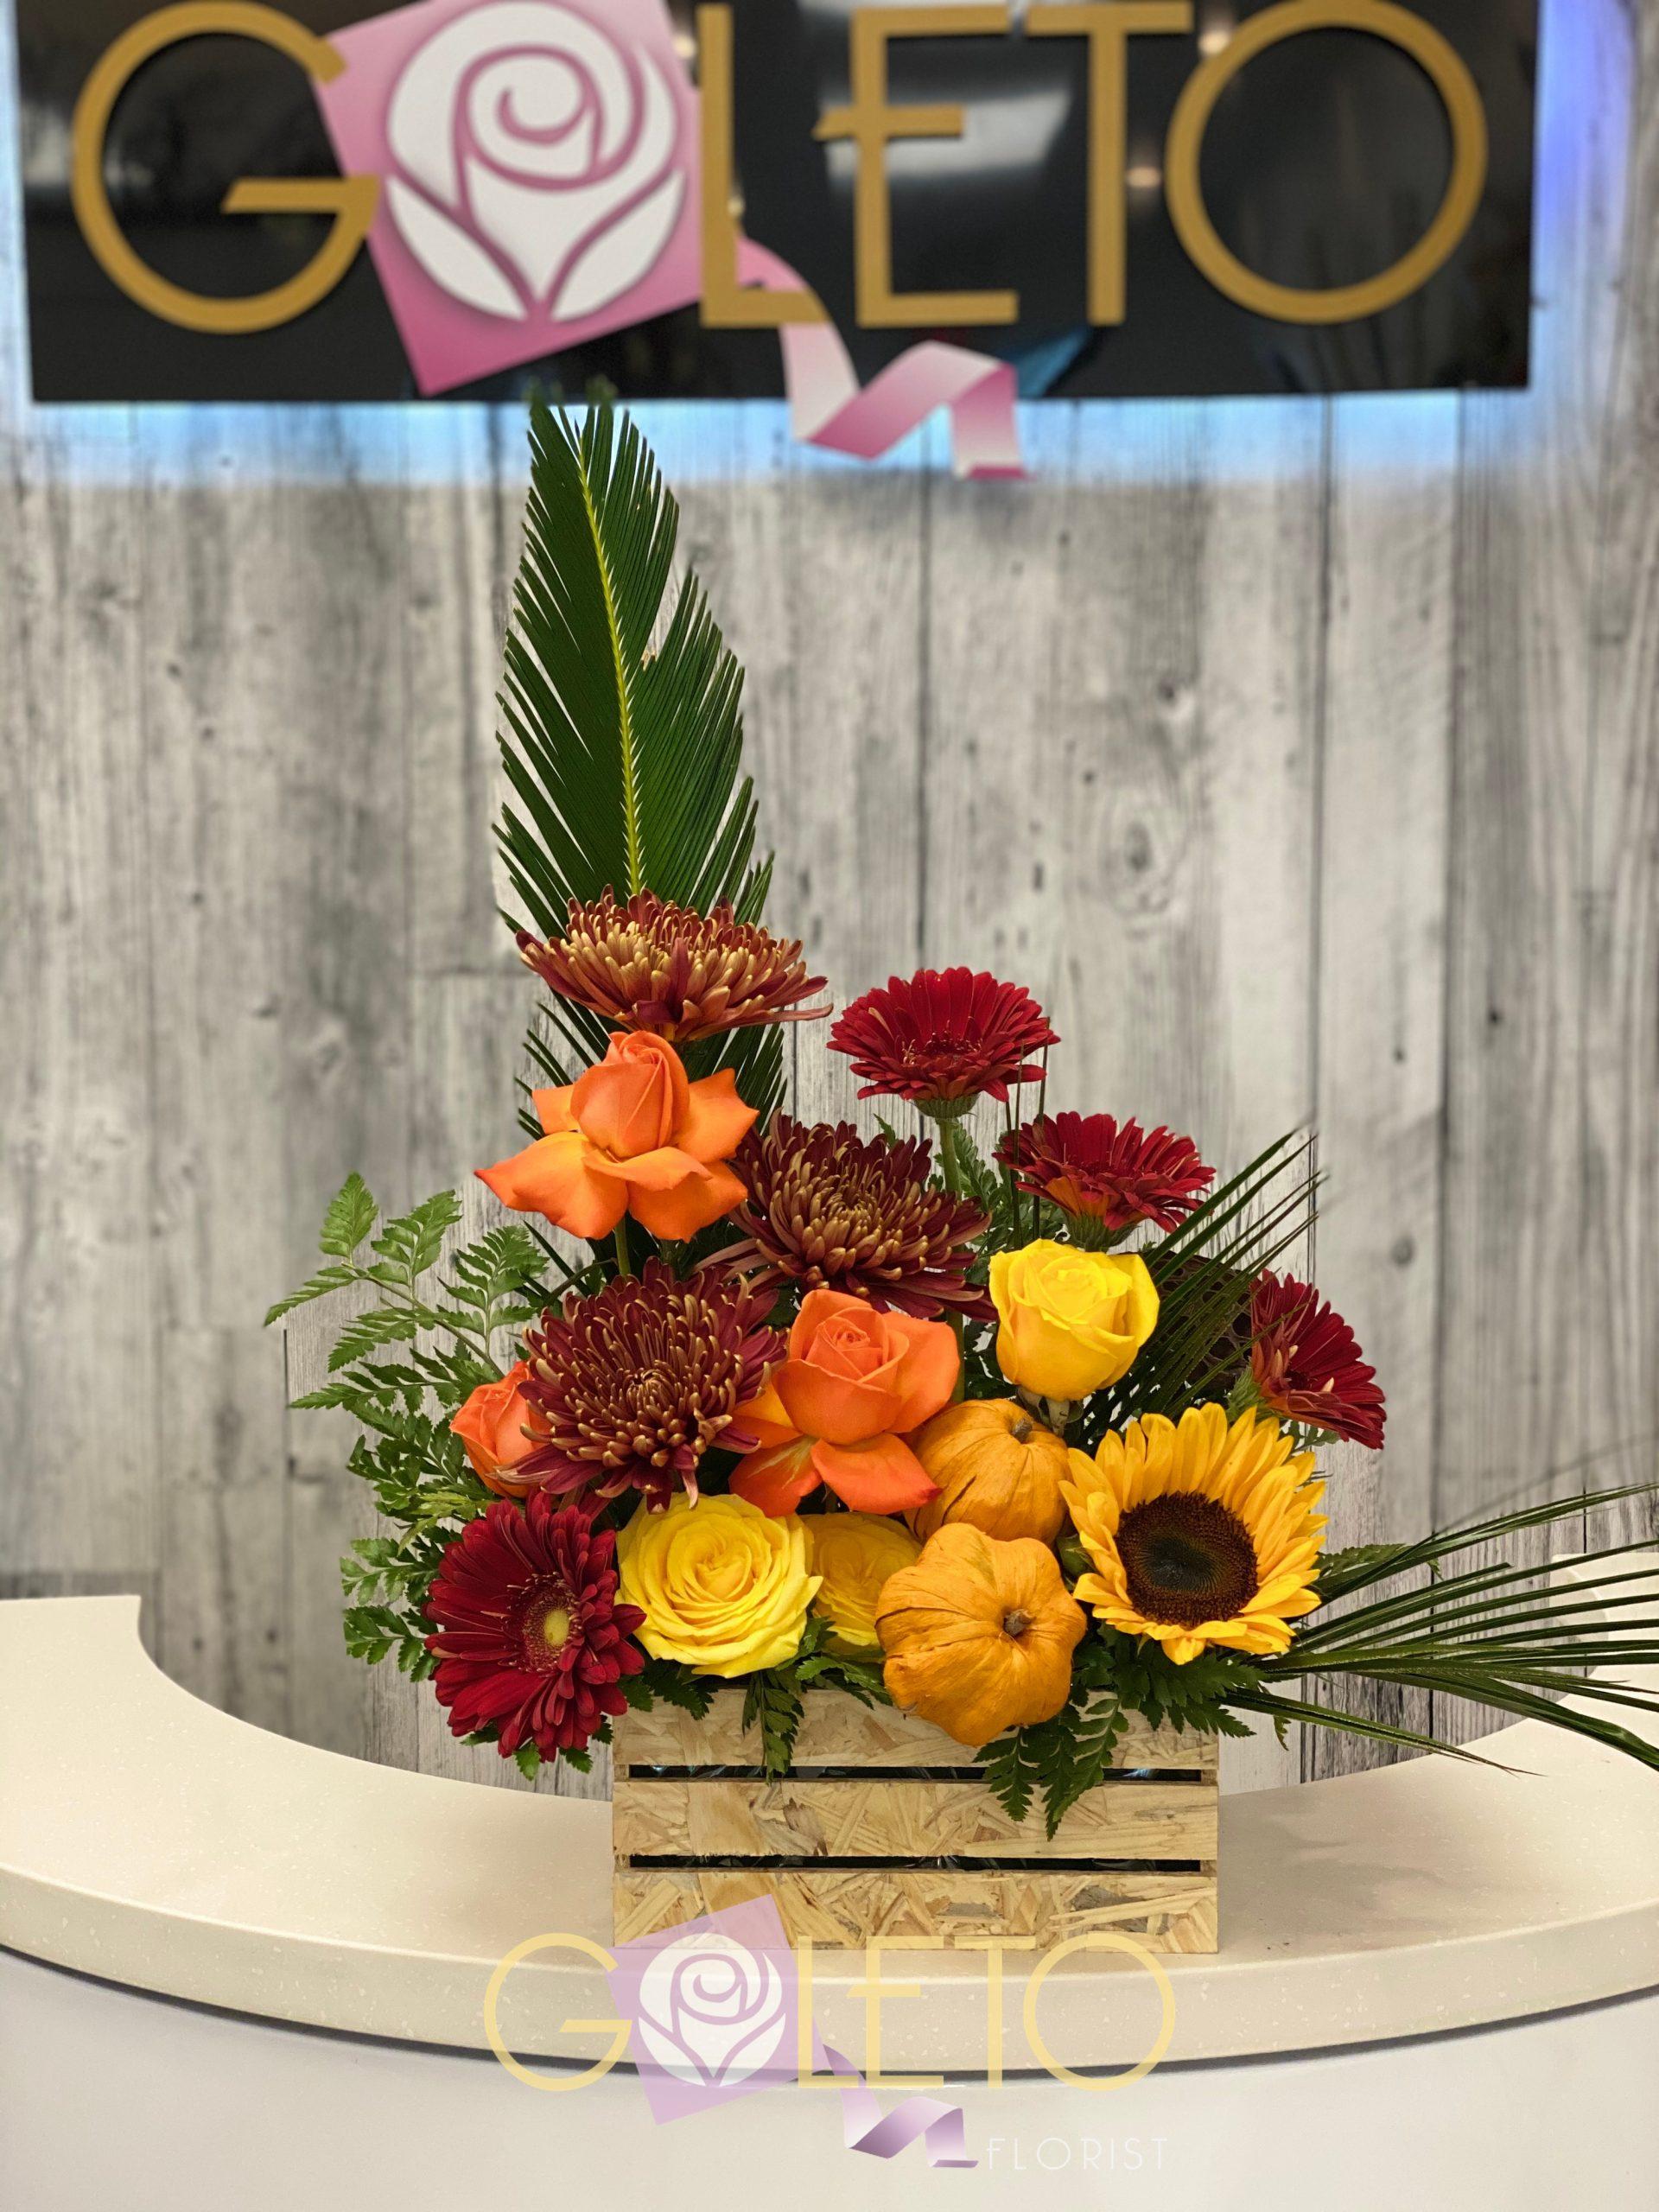 goleto-flower-design-richmond-hill-flower-shop3